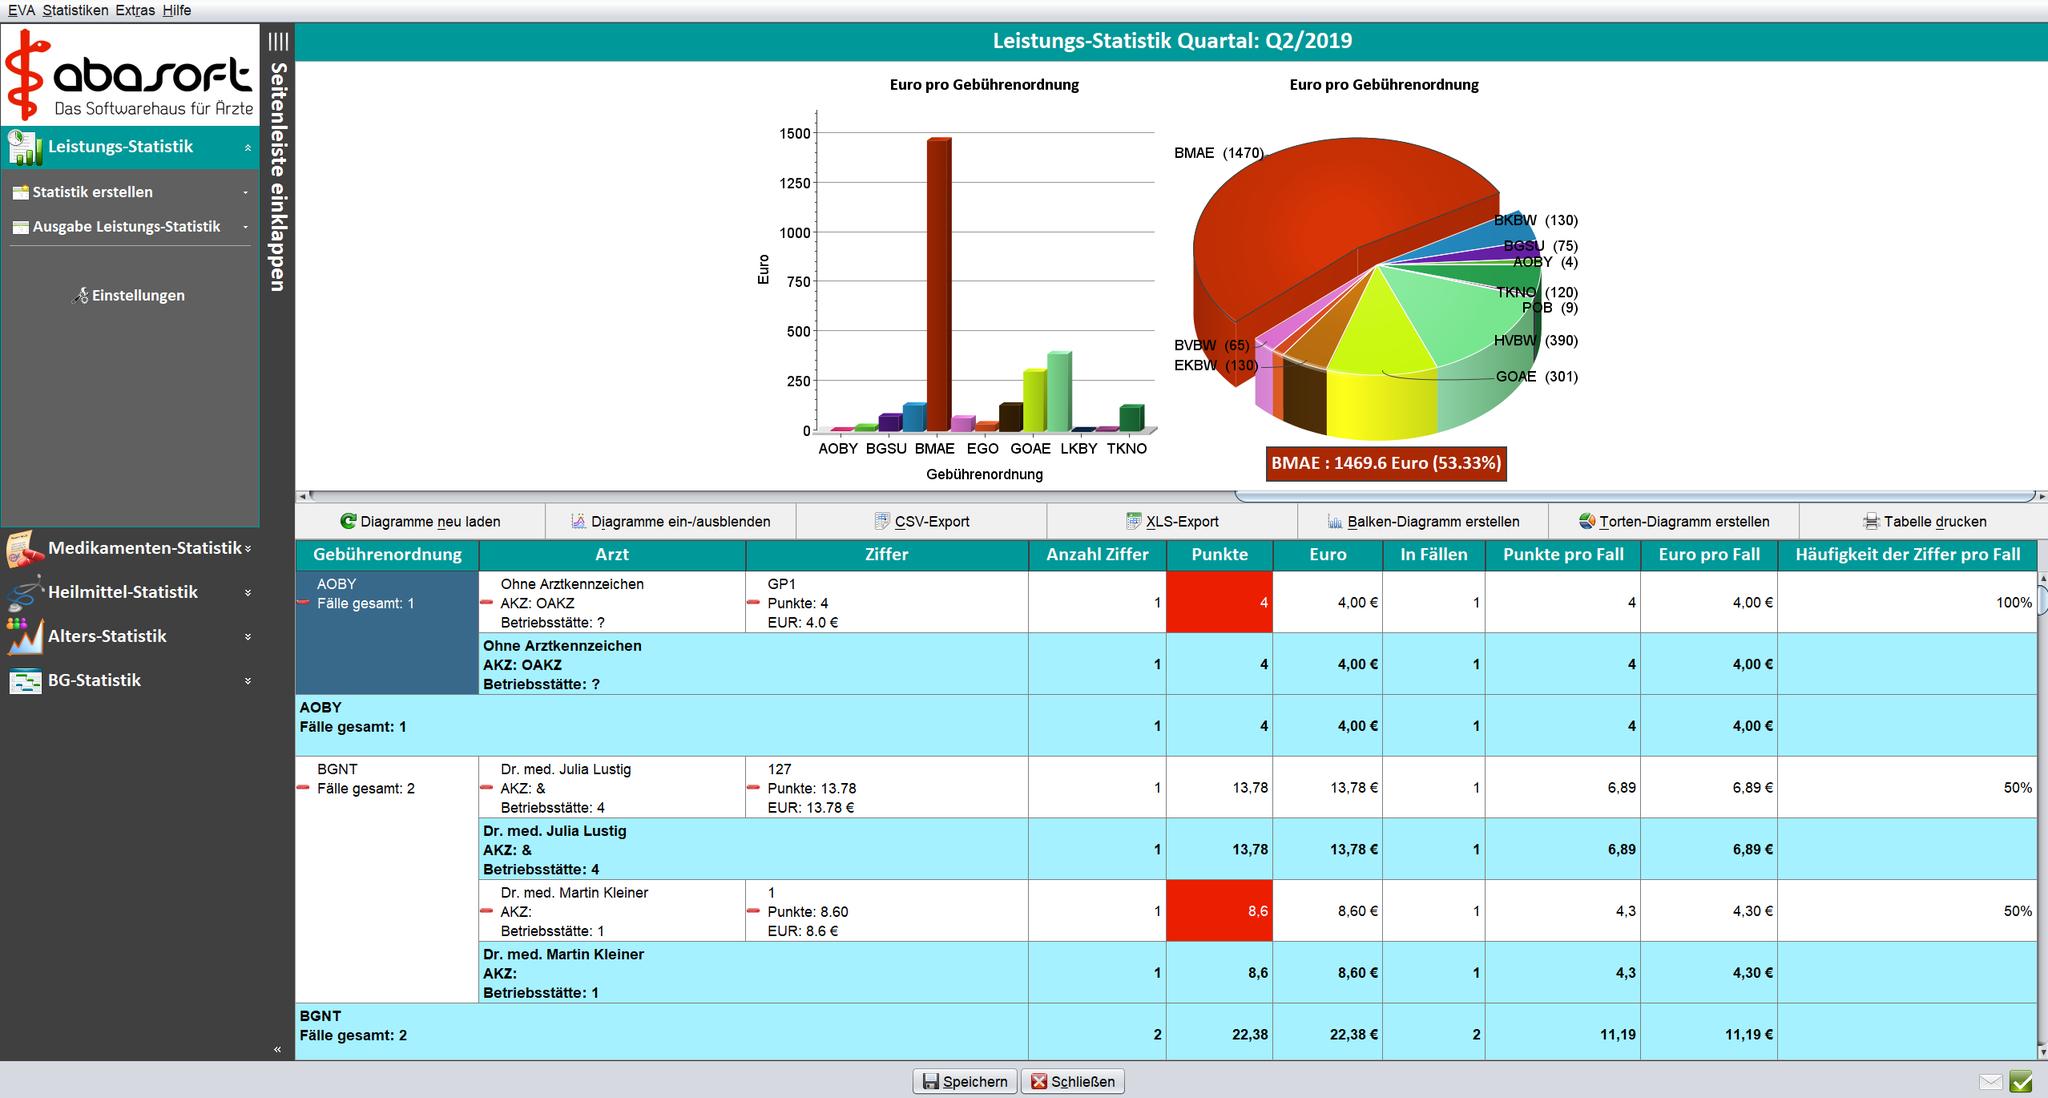 Leistungs-Statistik - Sie haben die volle Übersicht und Kontrolle über Ihre Leistung